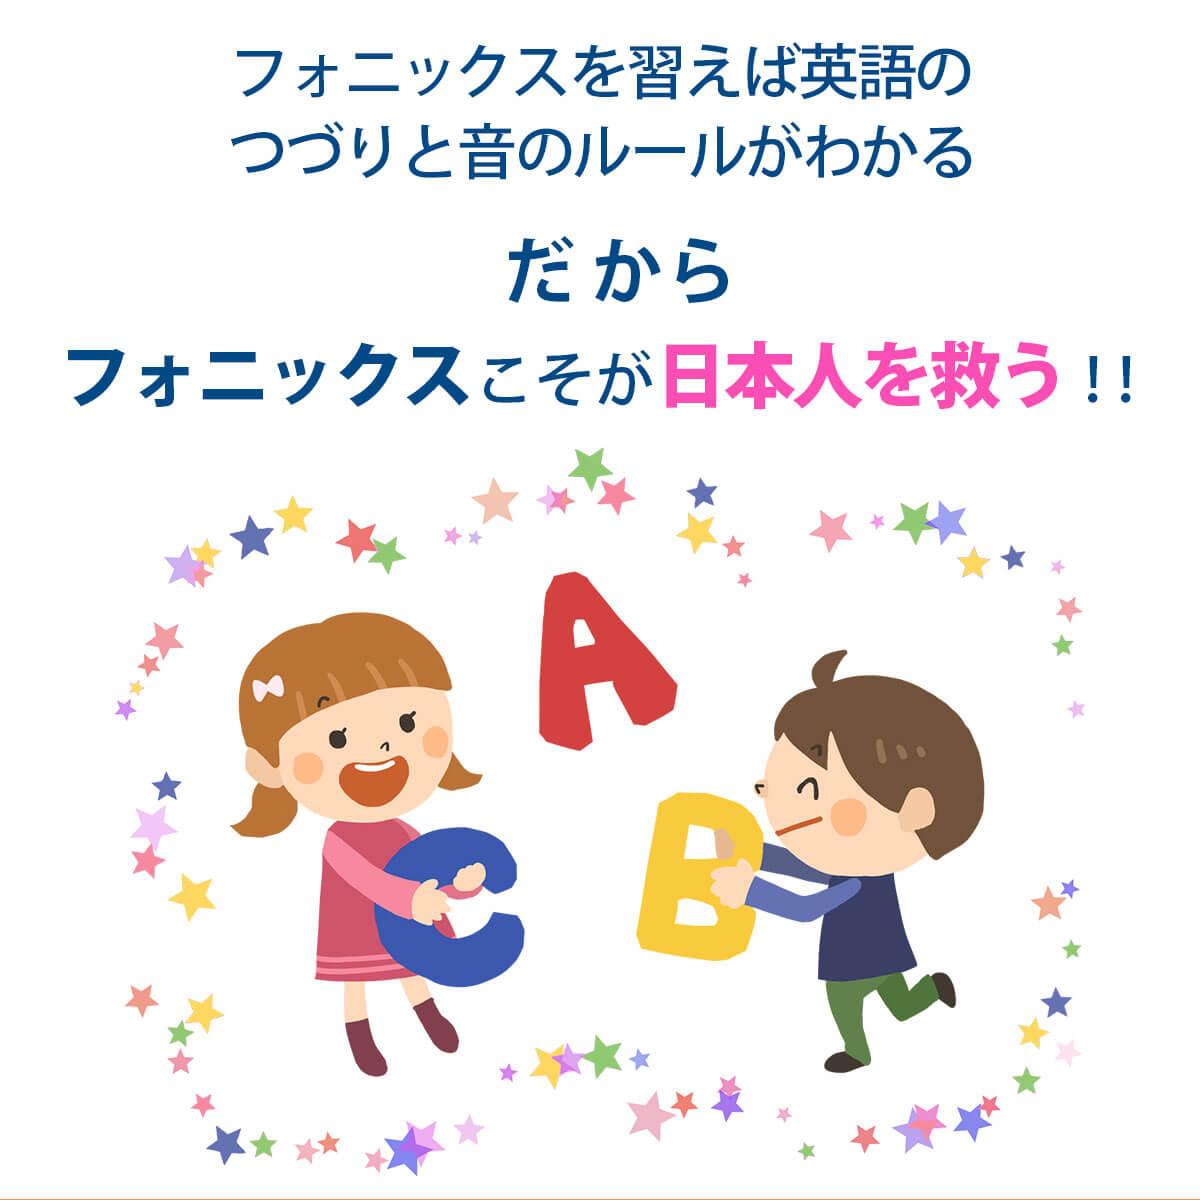 フォニックス 英語 教材 英脳フォニックス by Square Panda 子供 幼児 phonics 休校 タブレット おもちゃ 2歳 英語脳 アンドレ アガシ 電脳サーキット